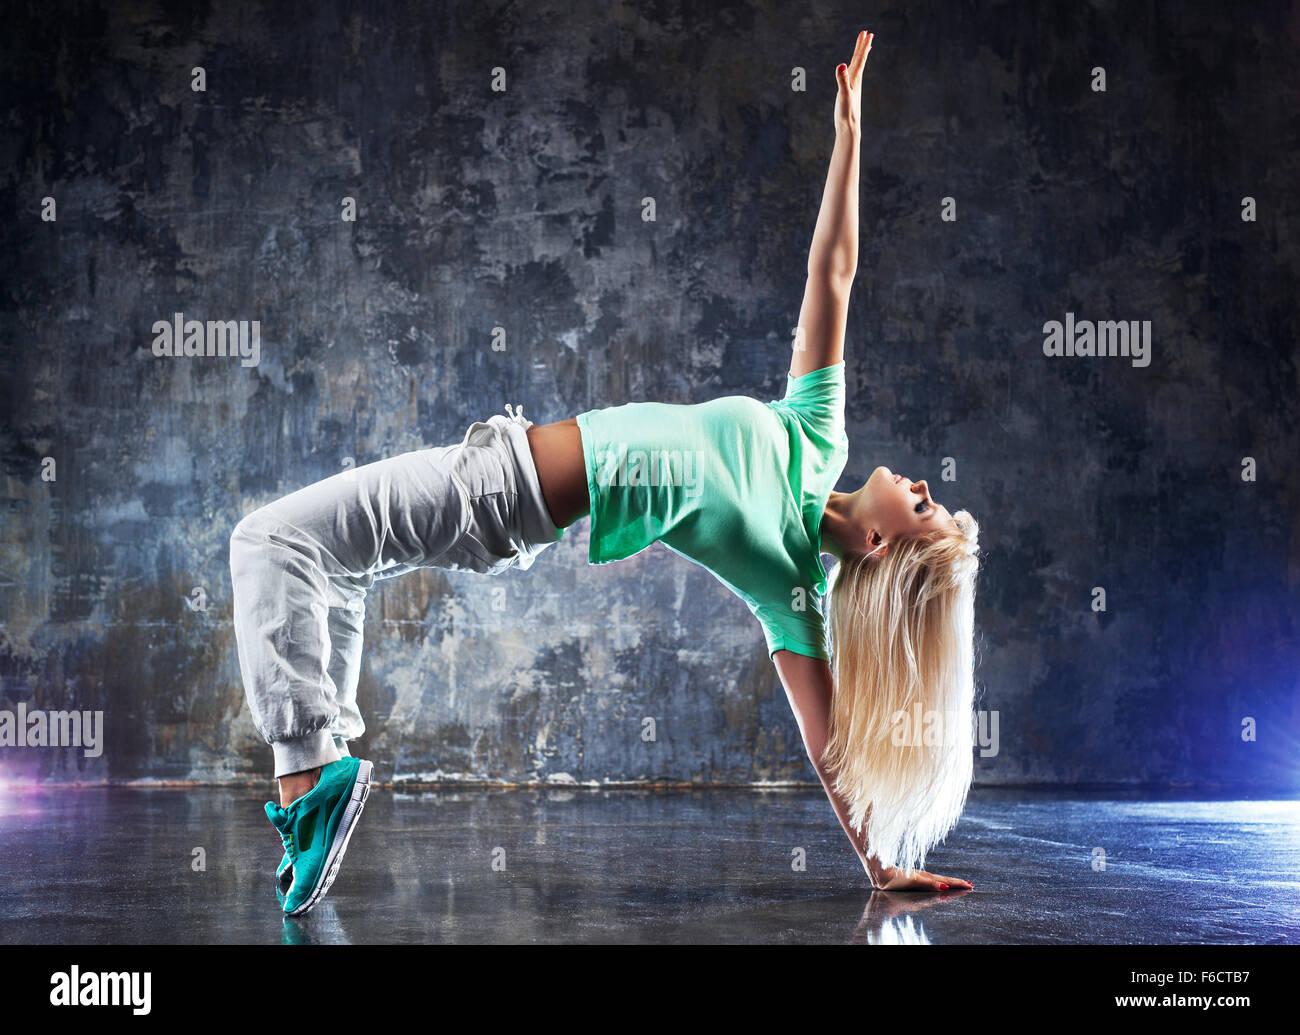 Jeune femme danseuse moderne. Sur fond de murs en pierre sombre. Photo Stock